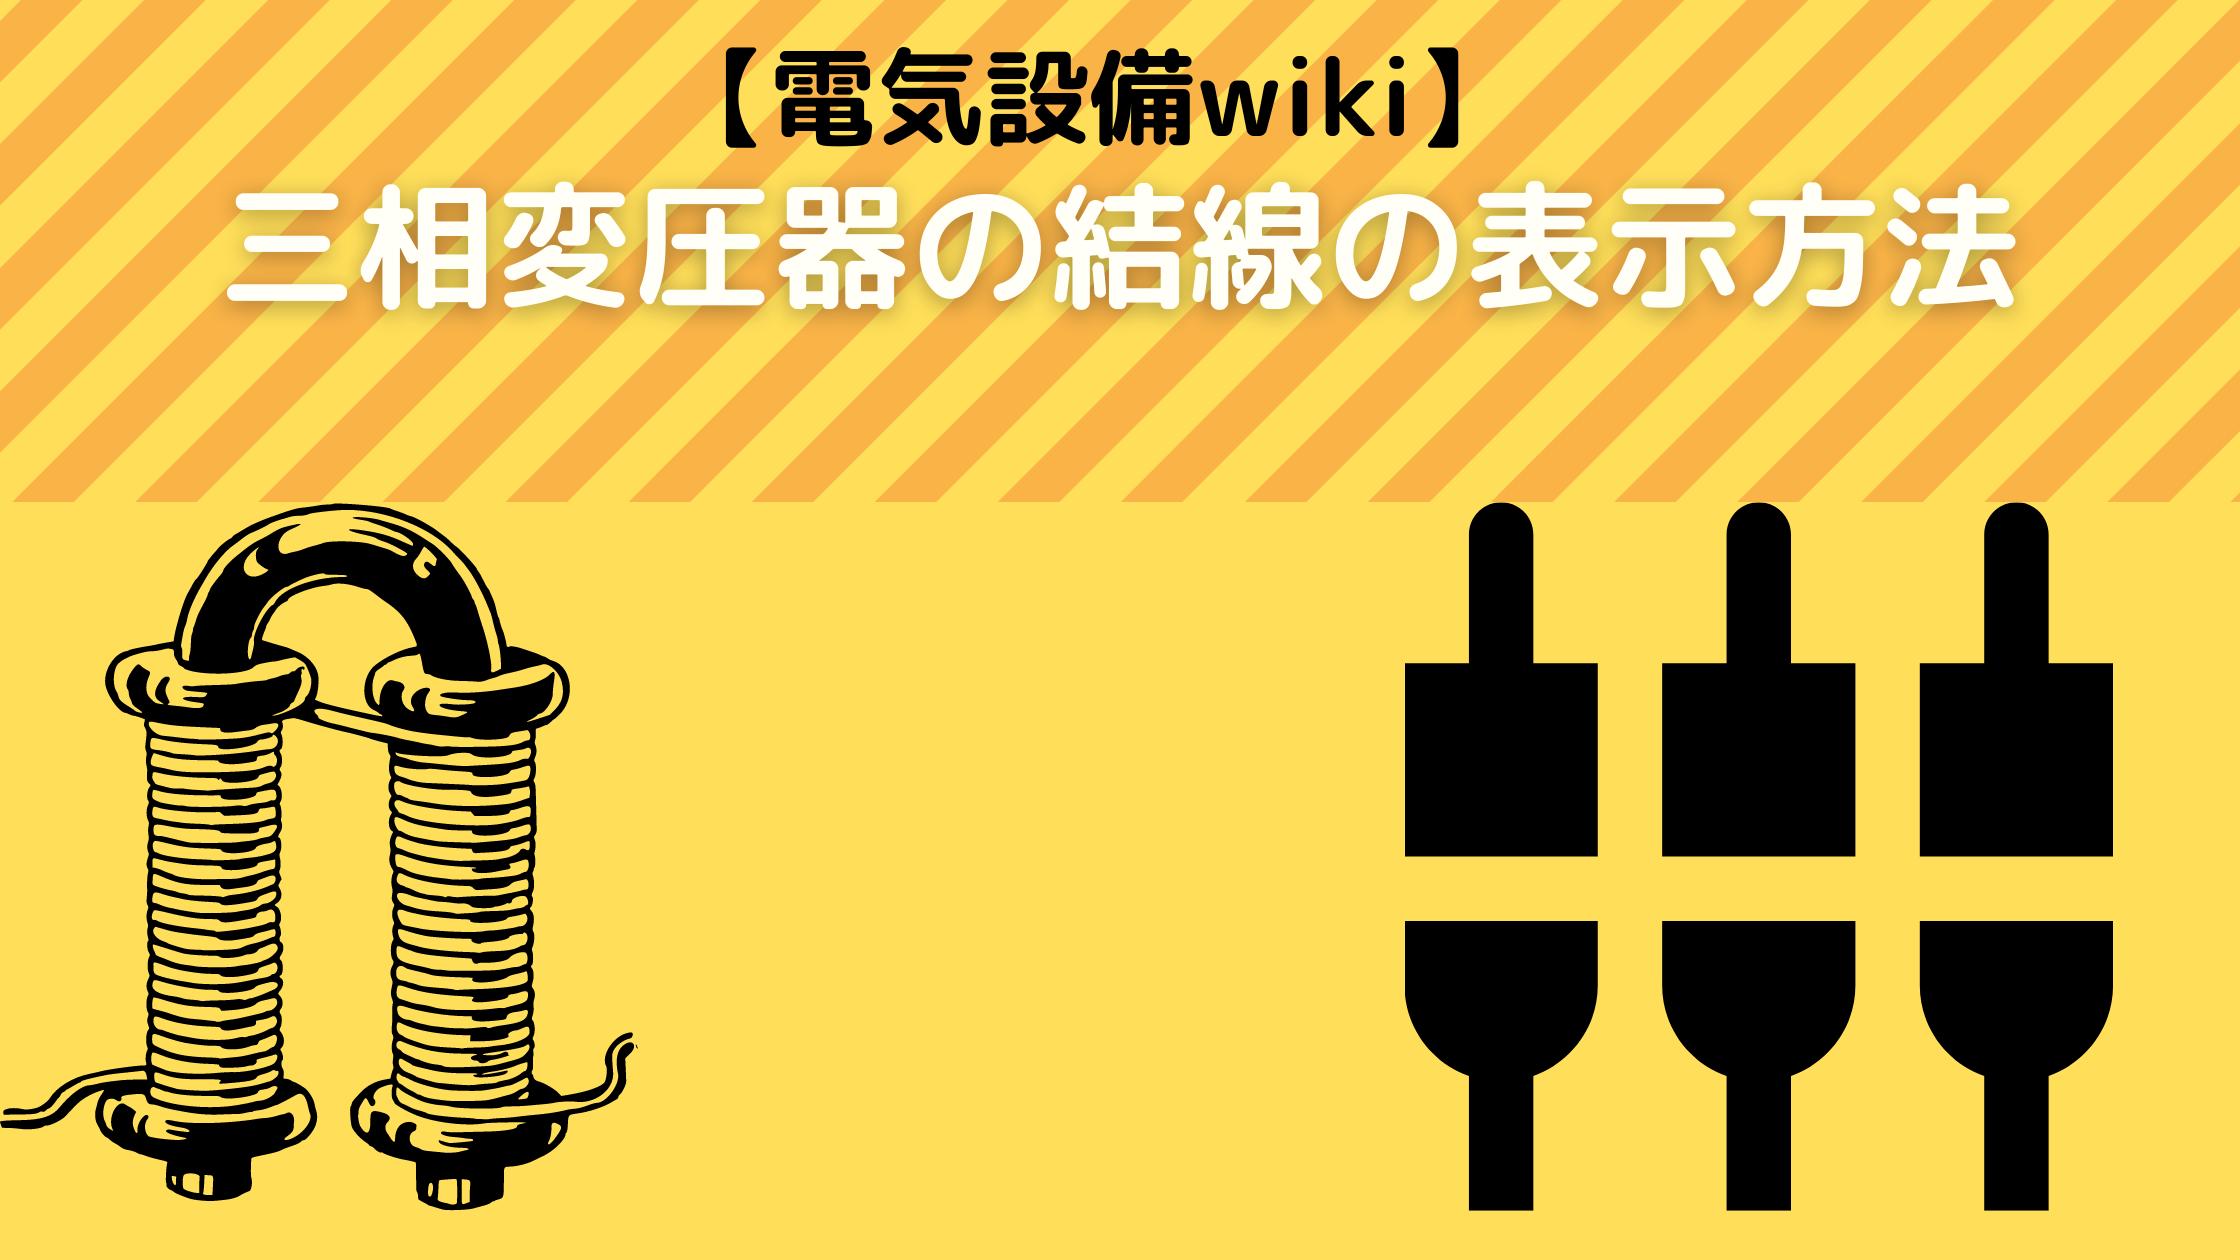 【電気設備wiki】三相変圧器の結線の表示方法